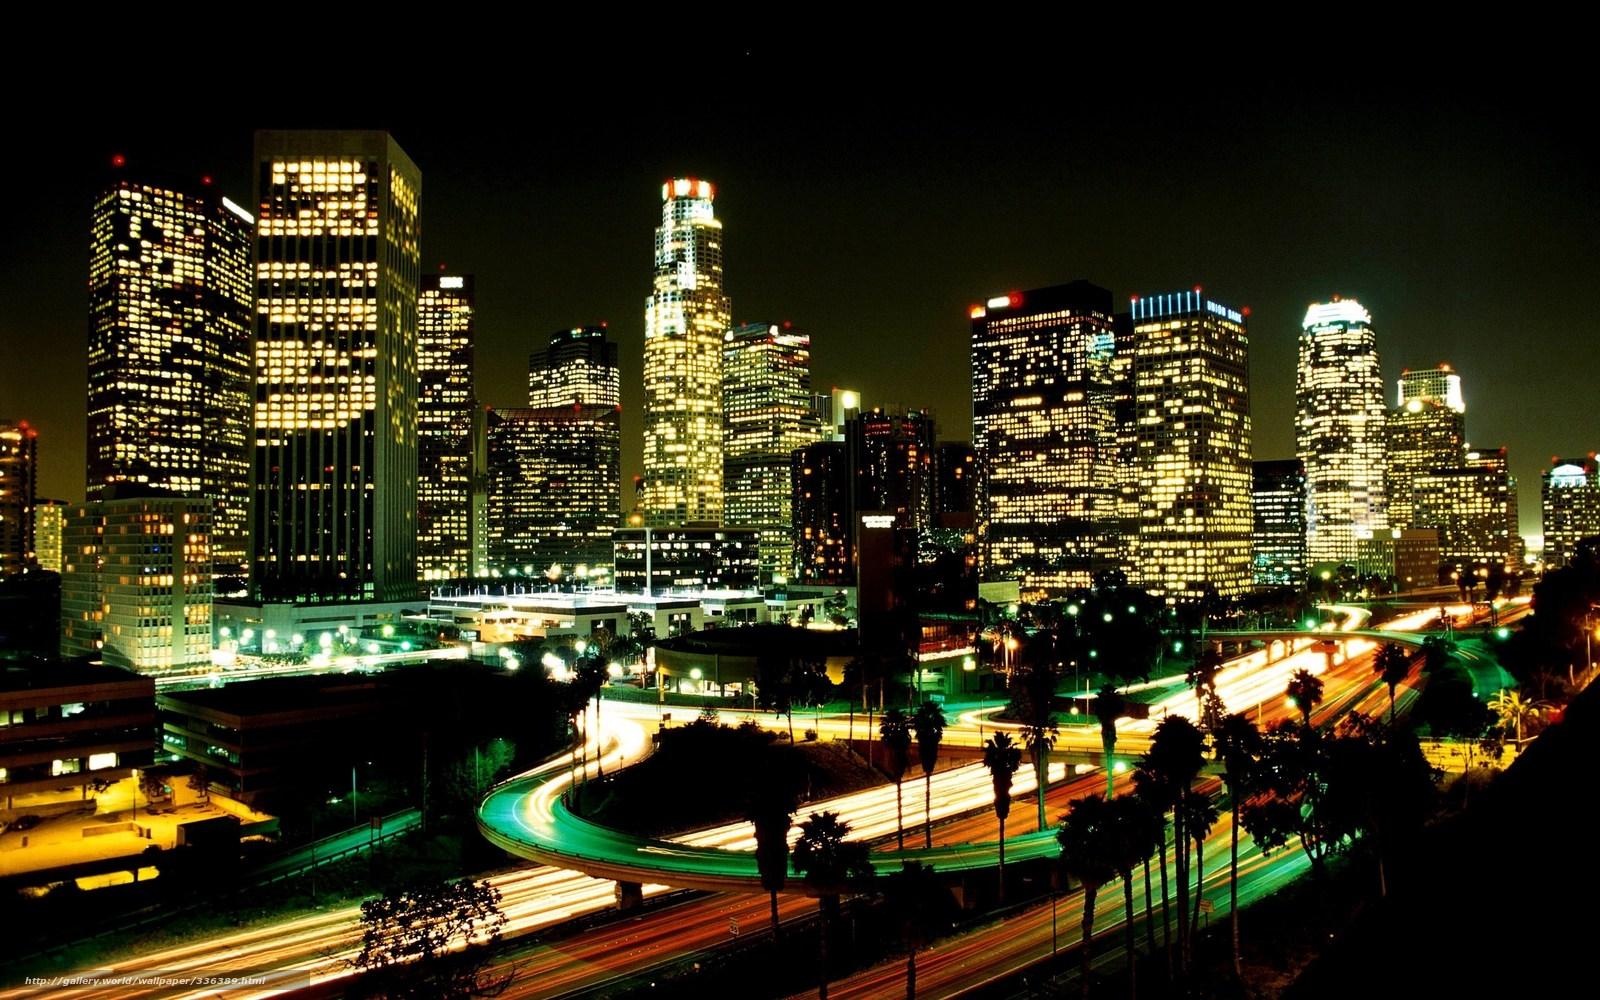 壁紙をダウンロード ロサンゼルス市 夜 点灯 デスクトップの解像度のための無料壁紙 2560x1600 絵 3363